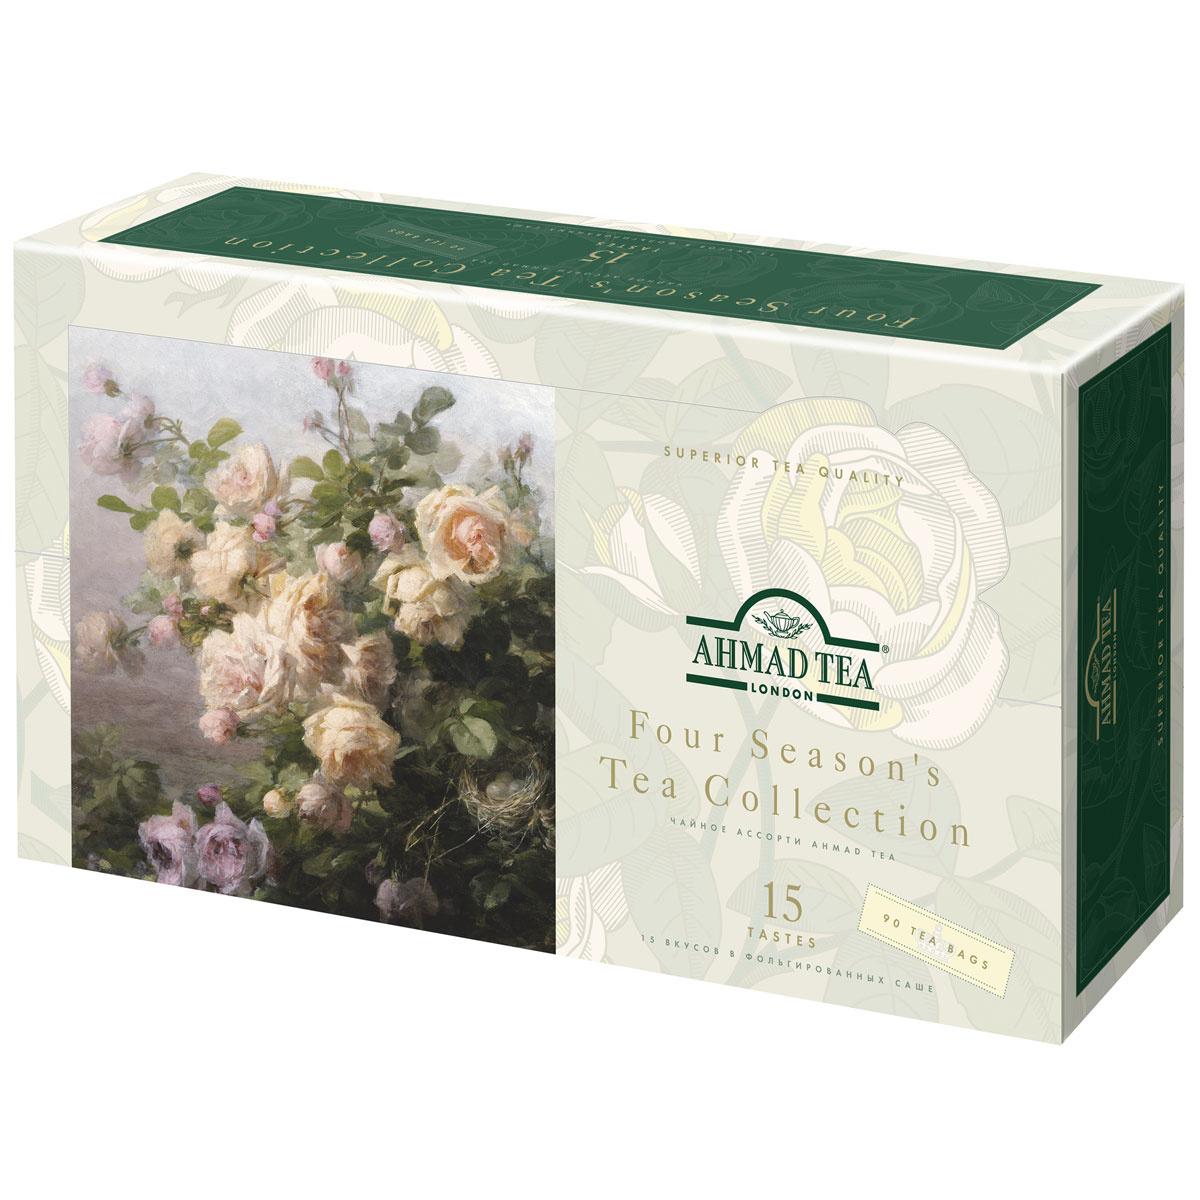 Подарочный набор Ahmad Tea Four Season's 15 вкусов, 90 шт #1